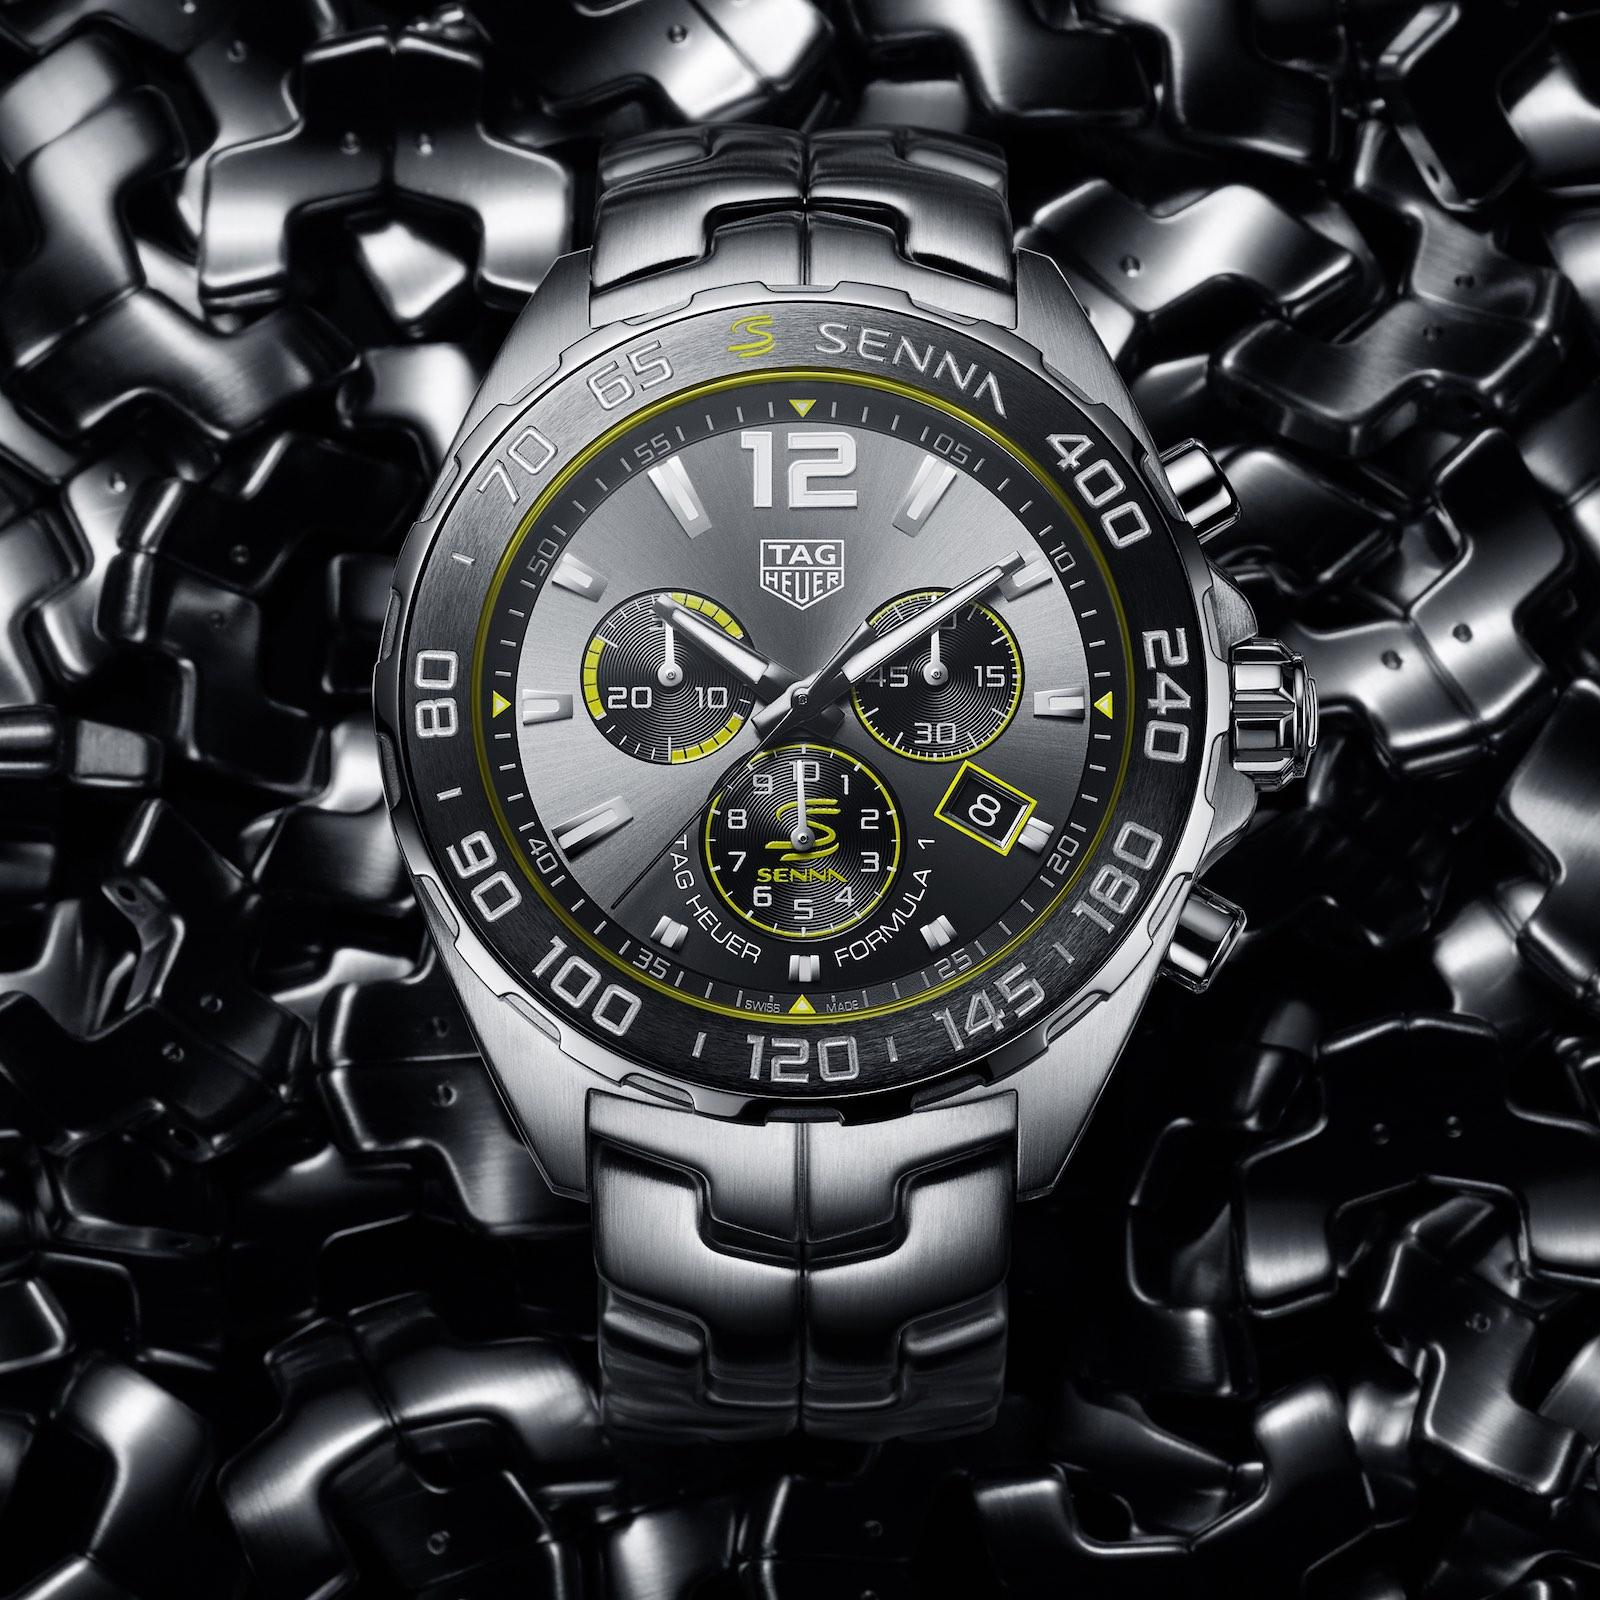 TAG Heuer Formula 1 Senna Special Edition 2020 quartz chronograph